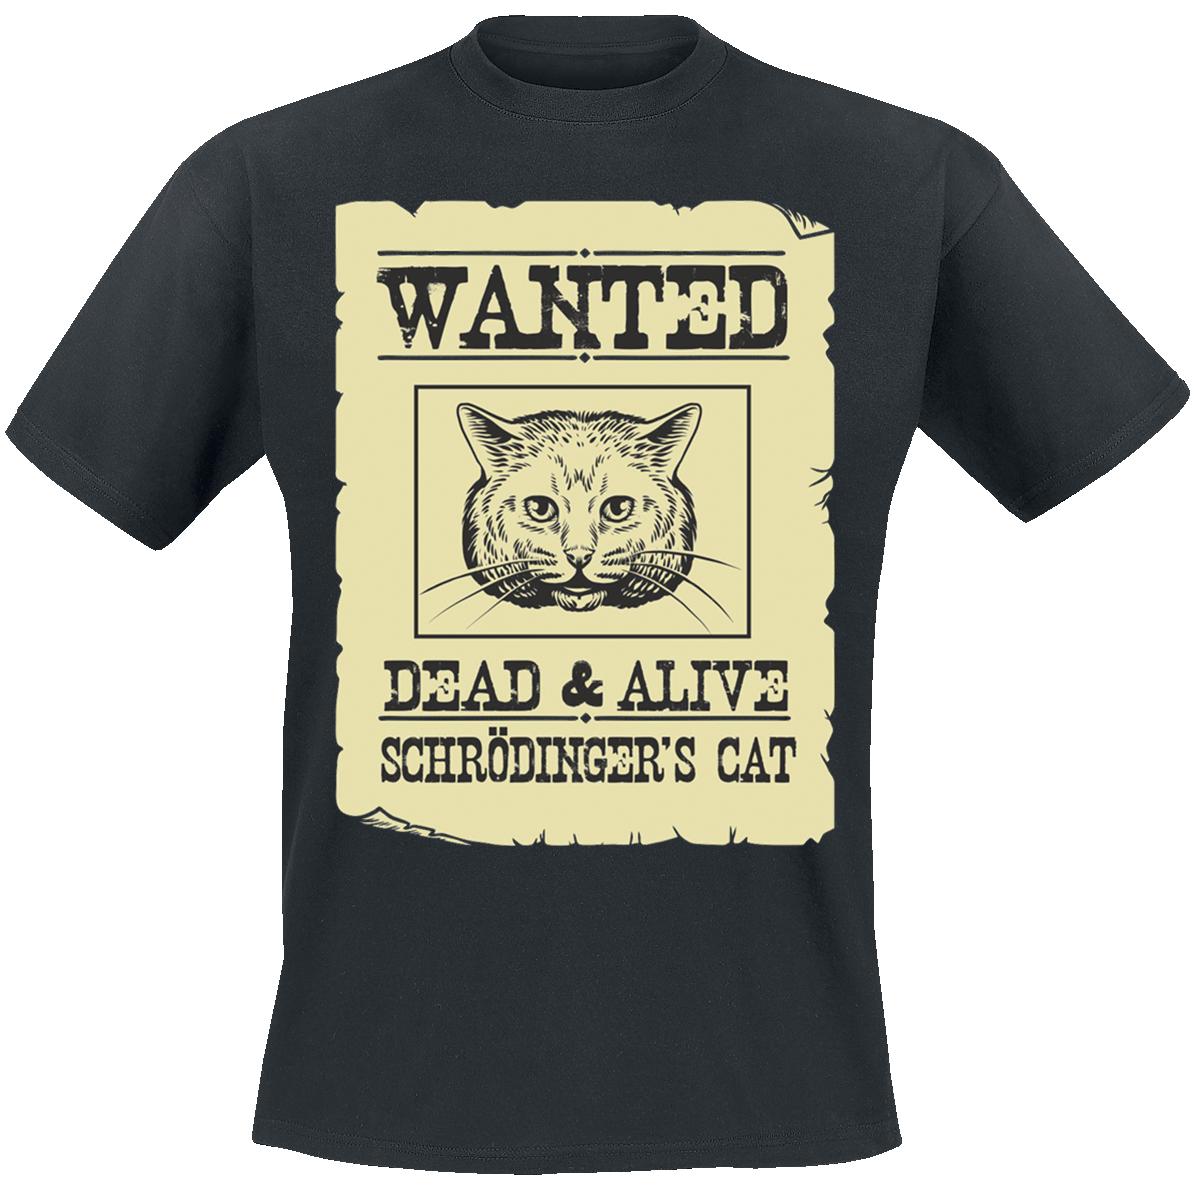 Schrödinger's Cat -  - T-Shirt - black image